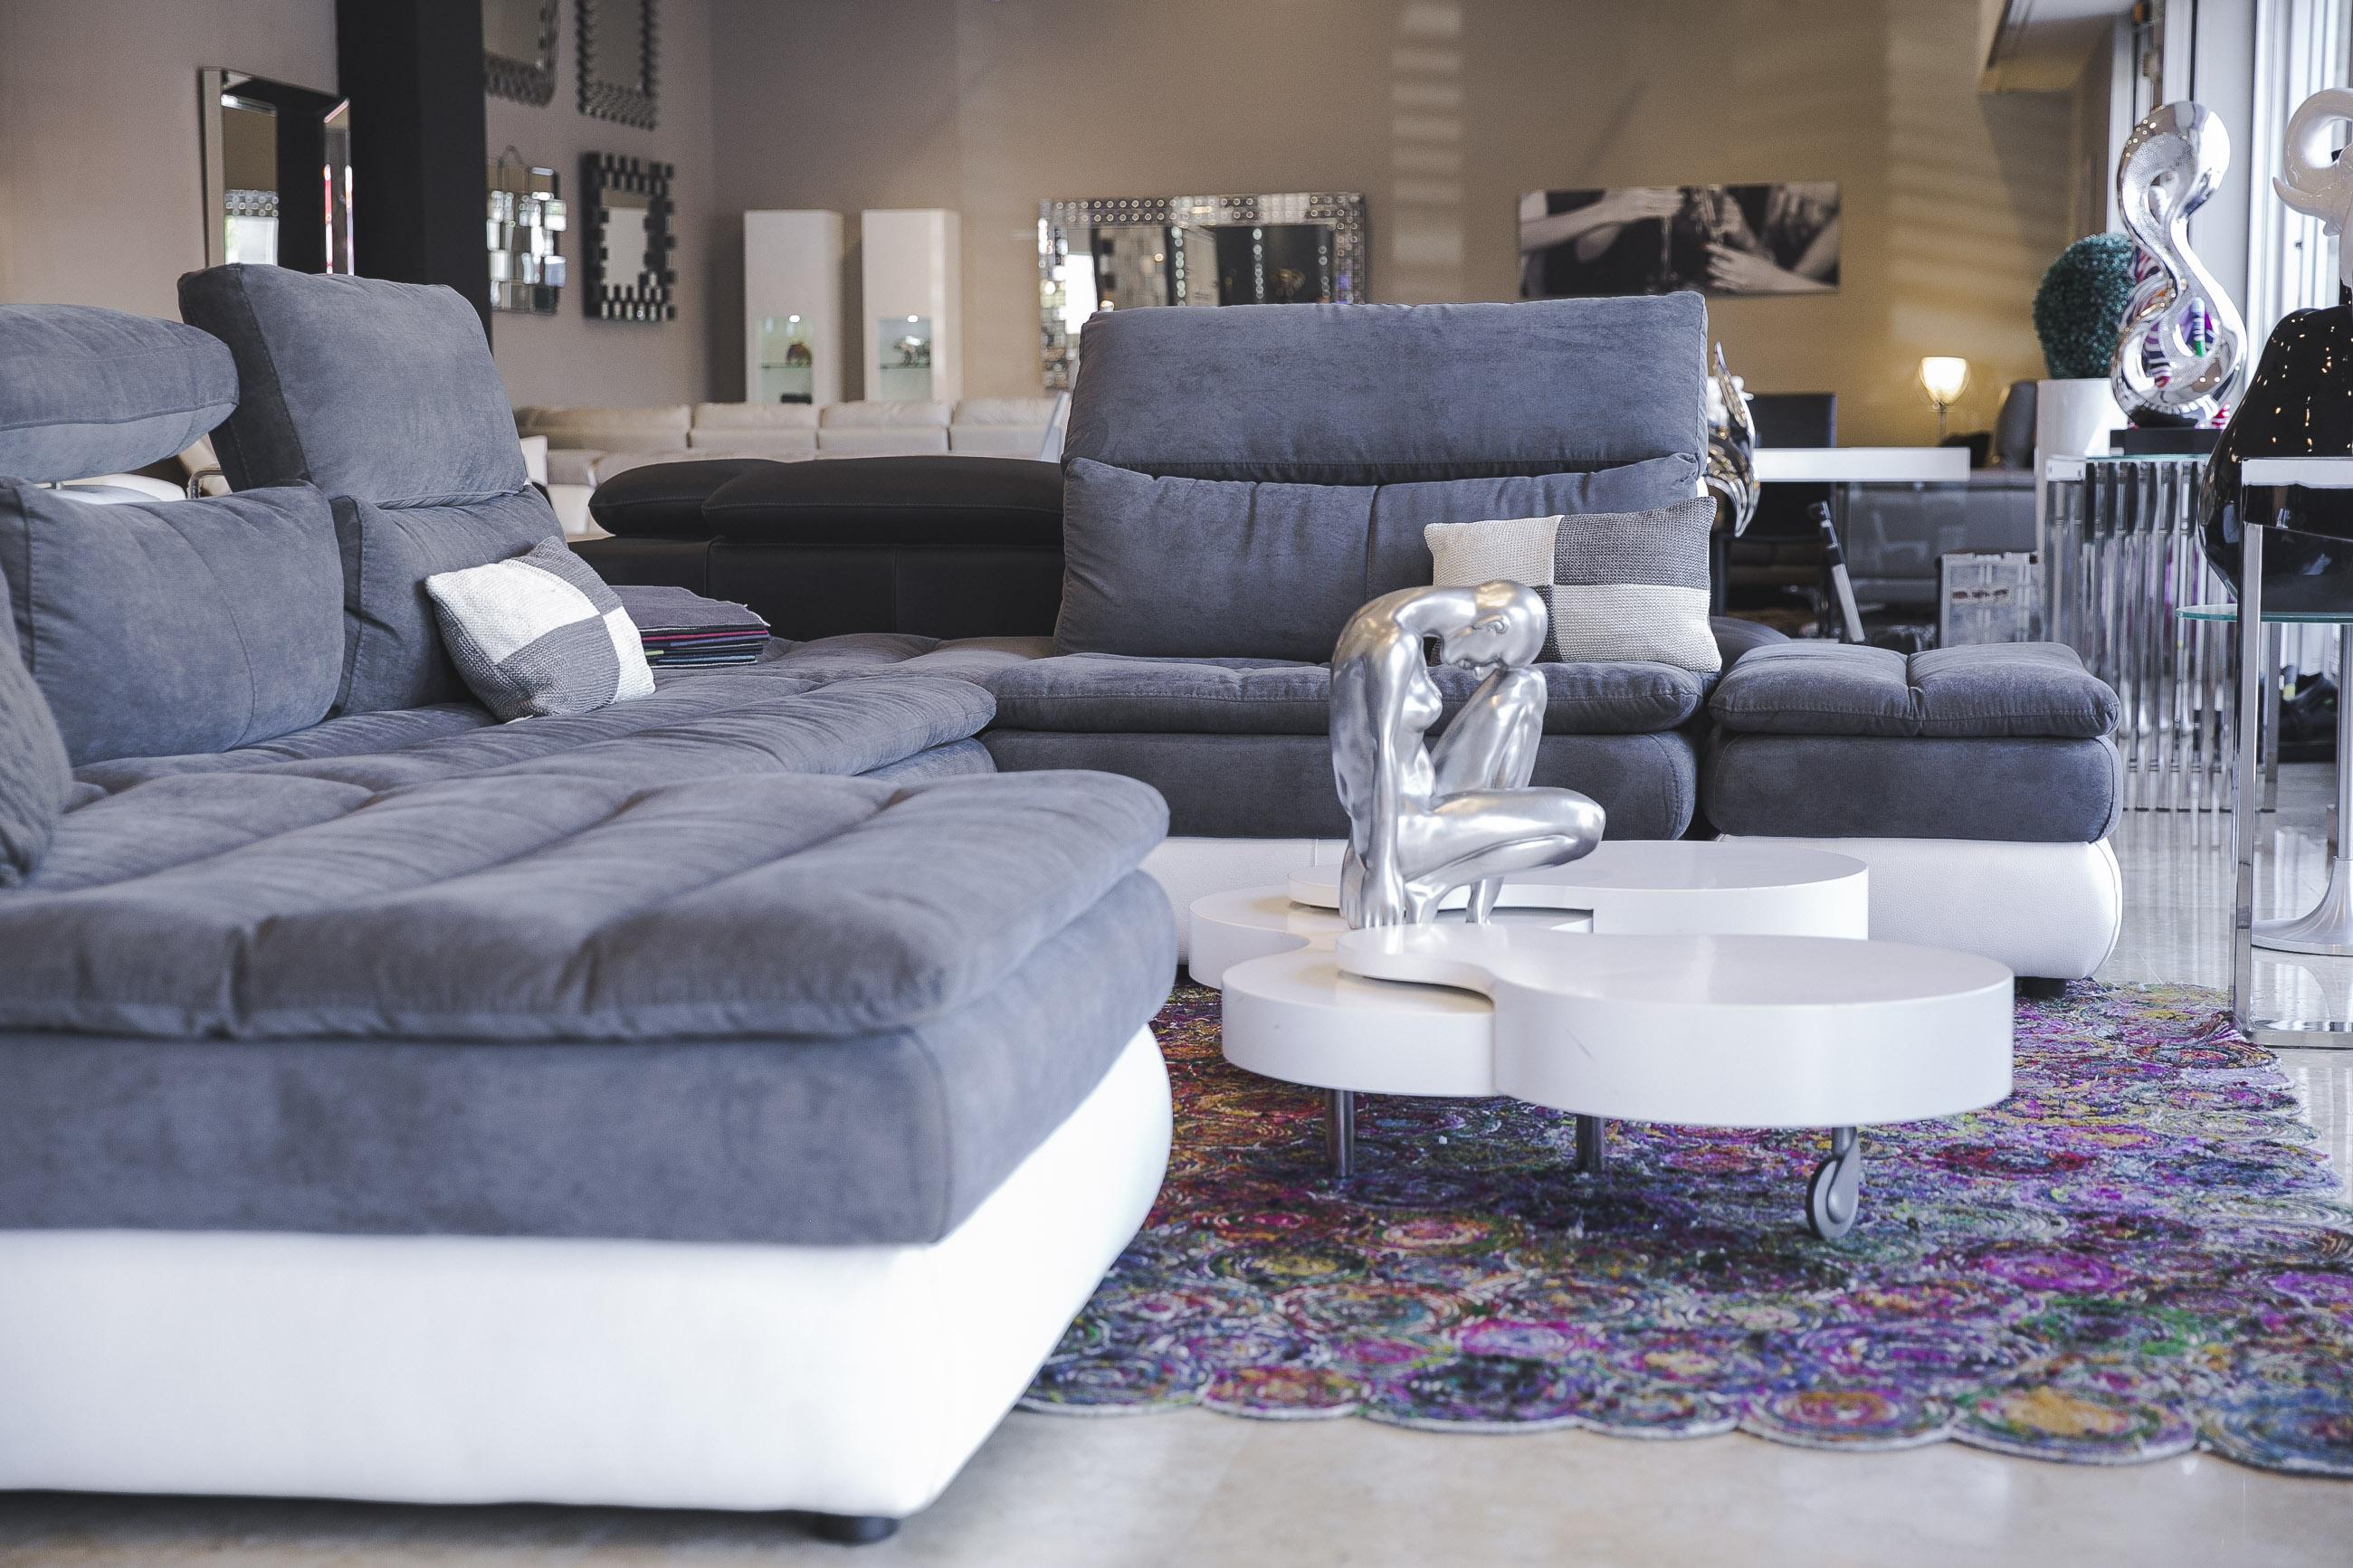 Сеть французской мебели Home Salons в честь открытия предлагает кожаные диваны по цене тканевых